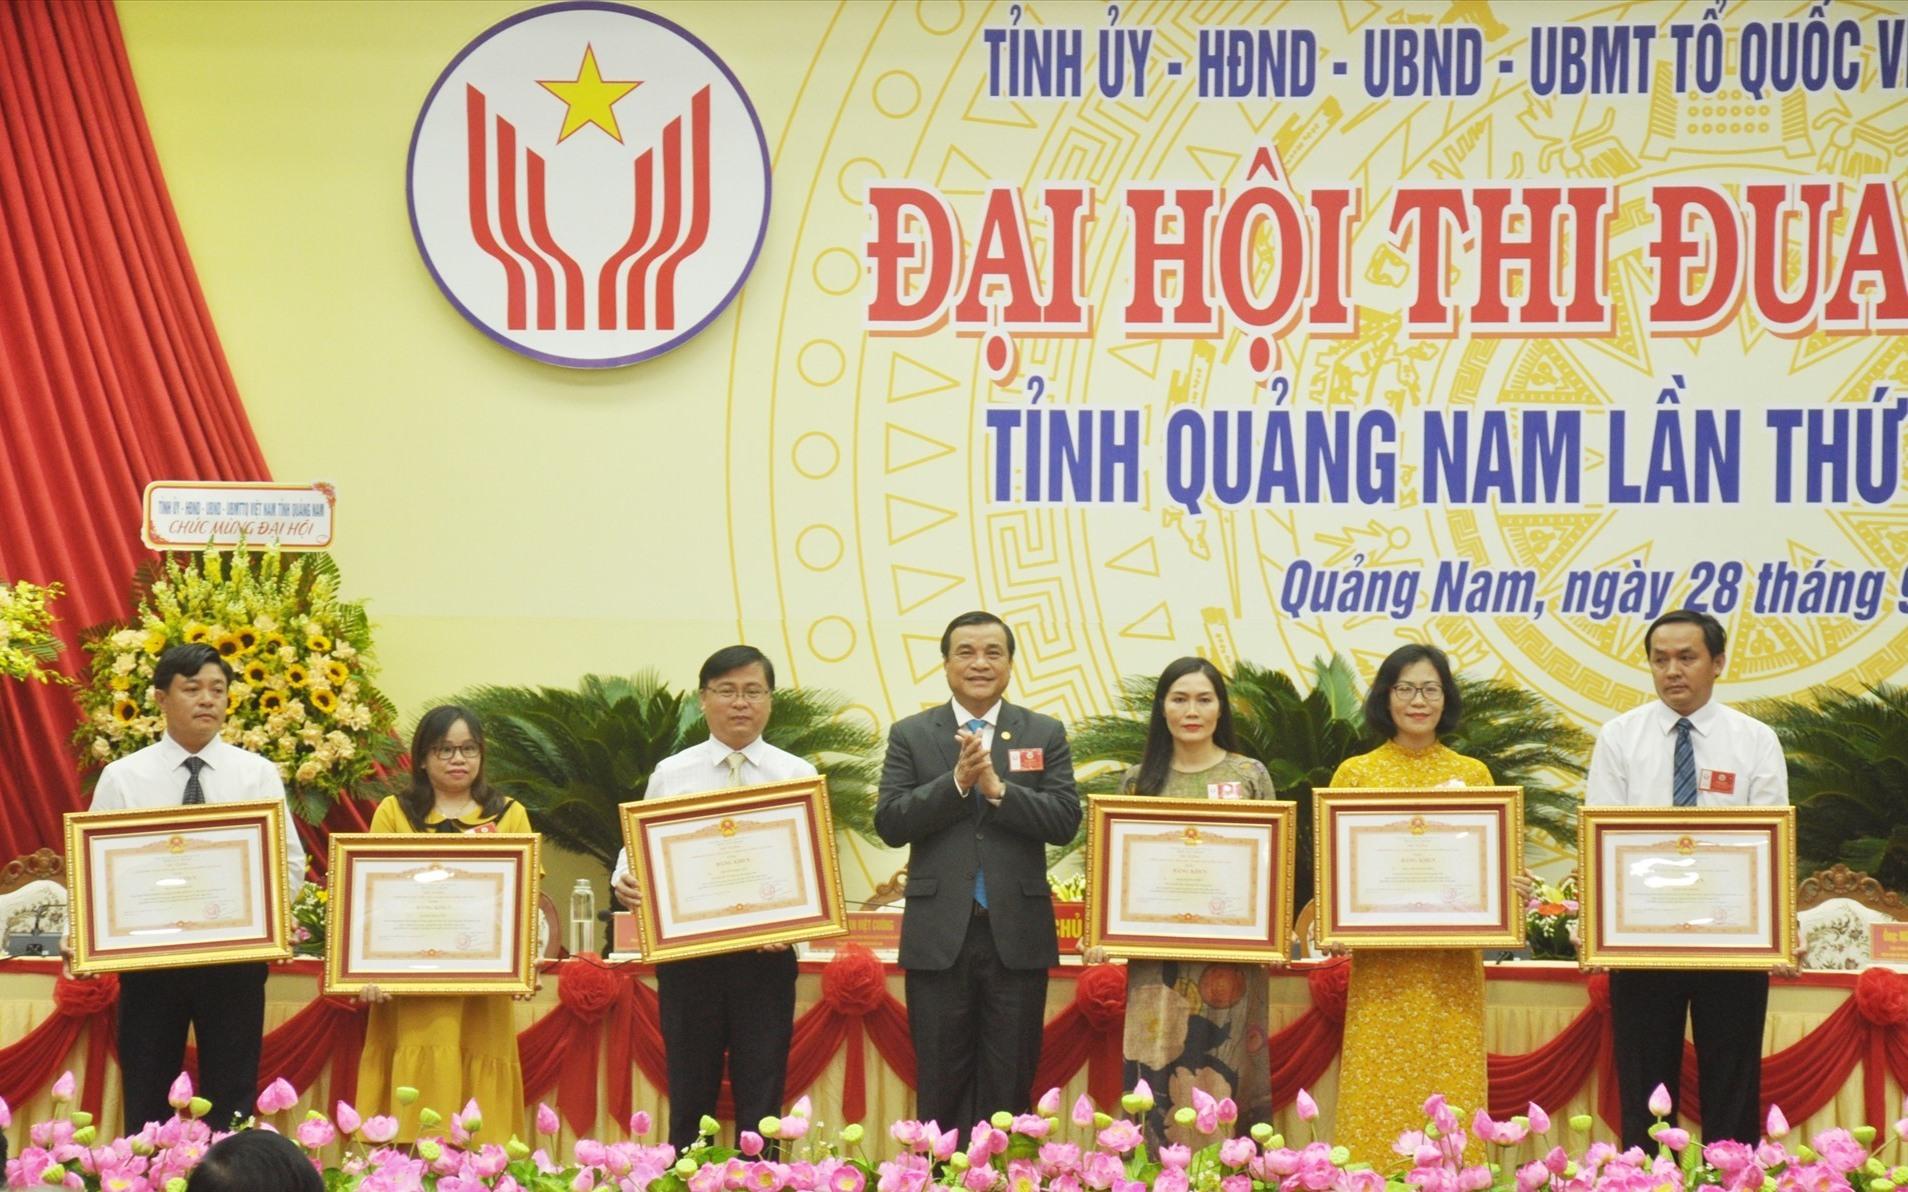 Bí thư Tỉnh ủy Phan Việt Cường trao tặng Bằng khen của Thủ tướng Chính phủ cho các cá nhân. Ảnh: N.Đ